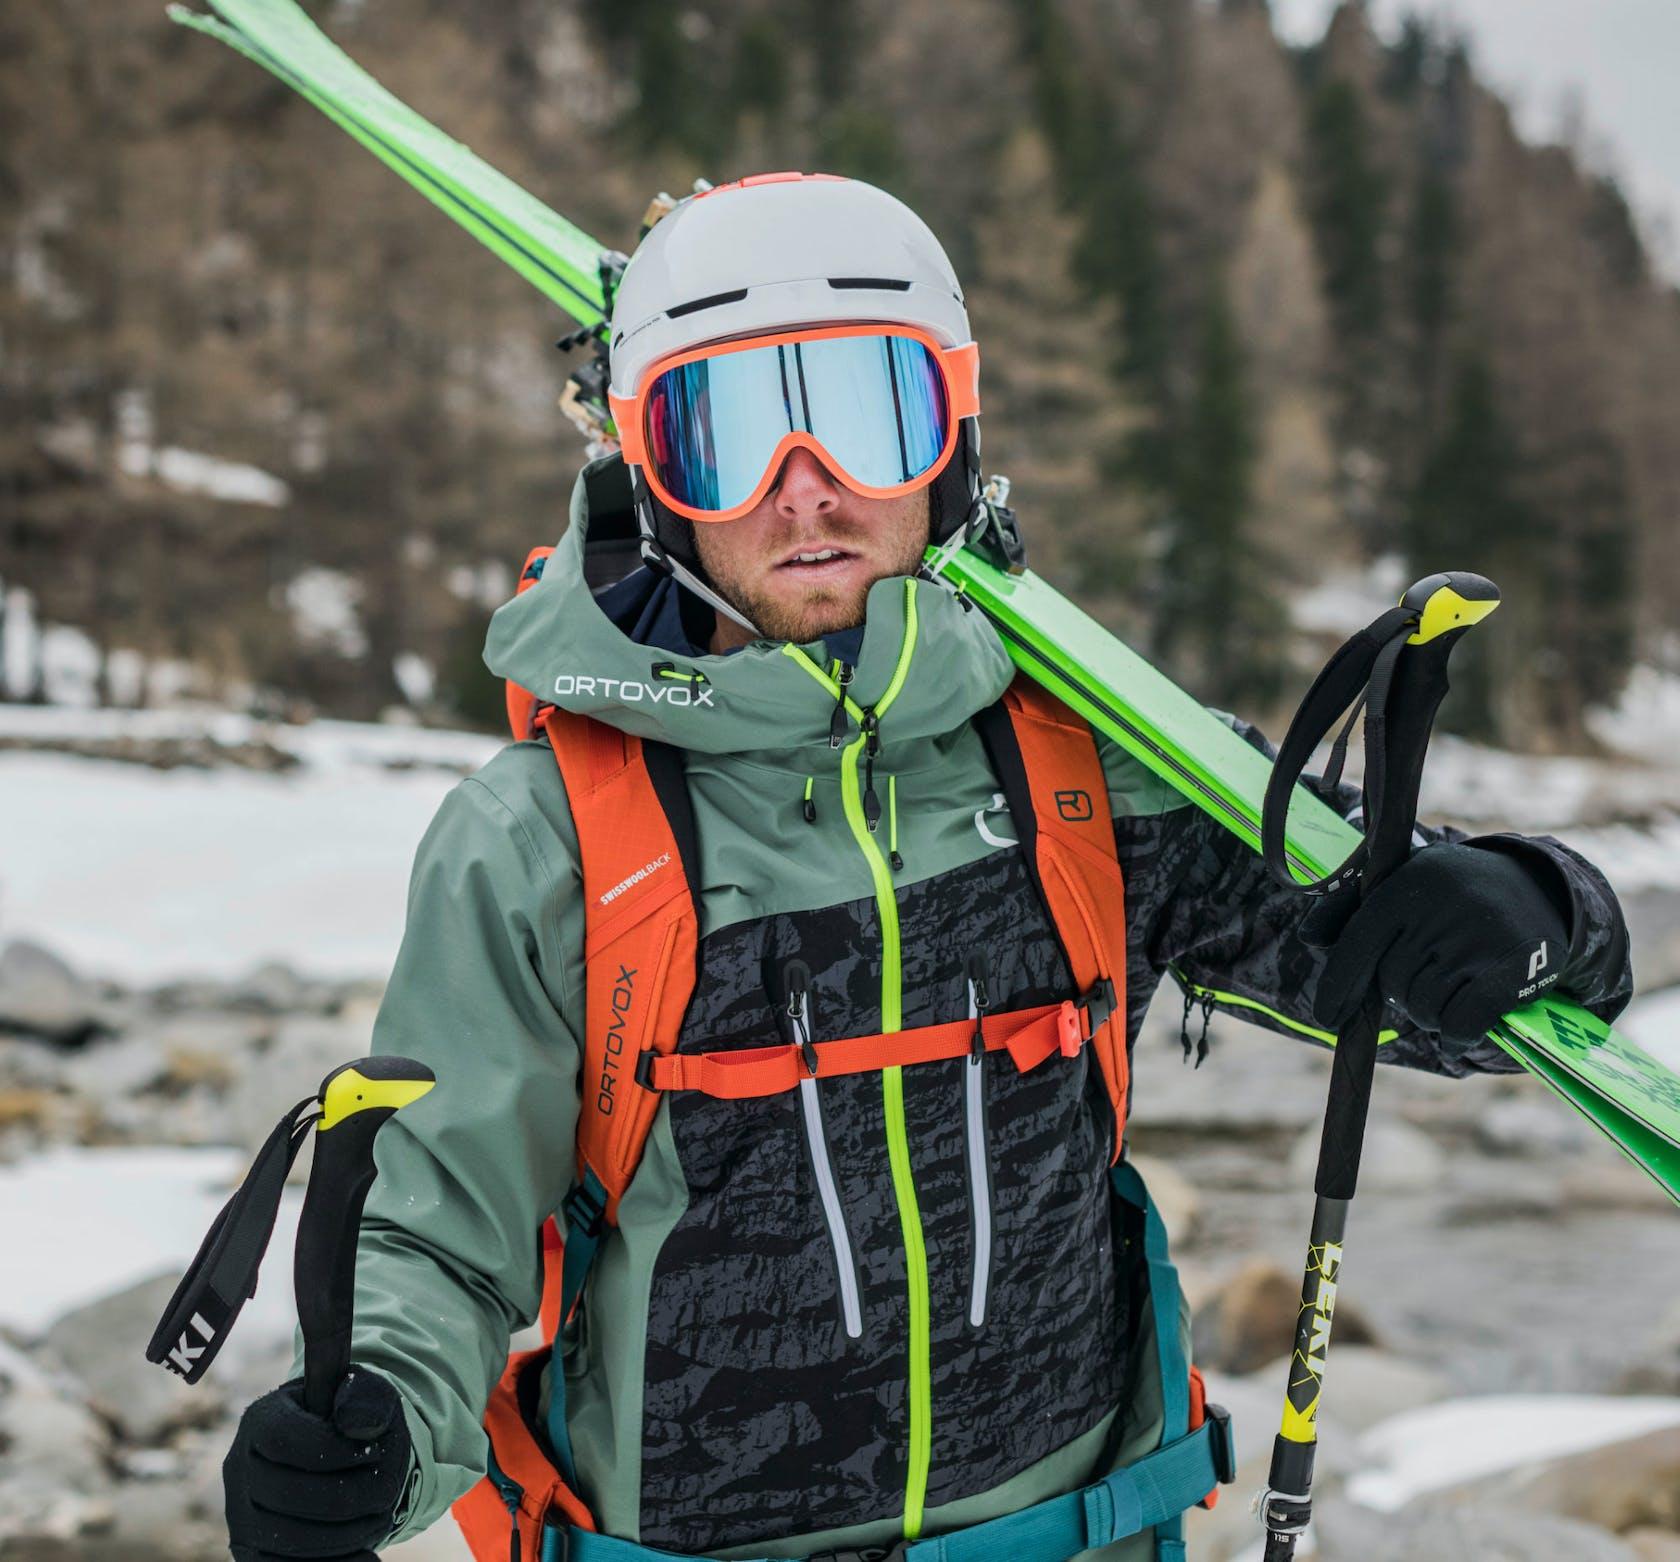 ortovox skitouring herren